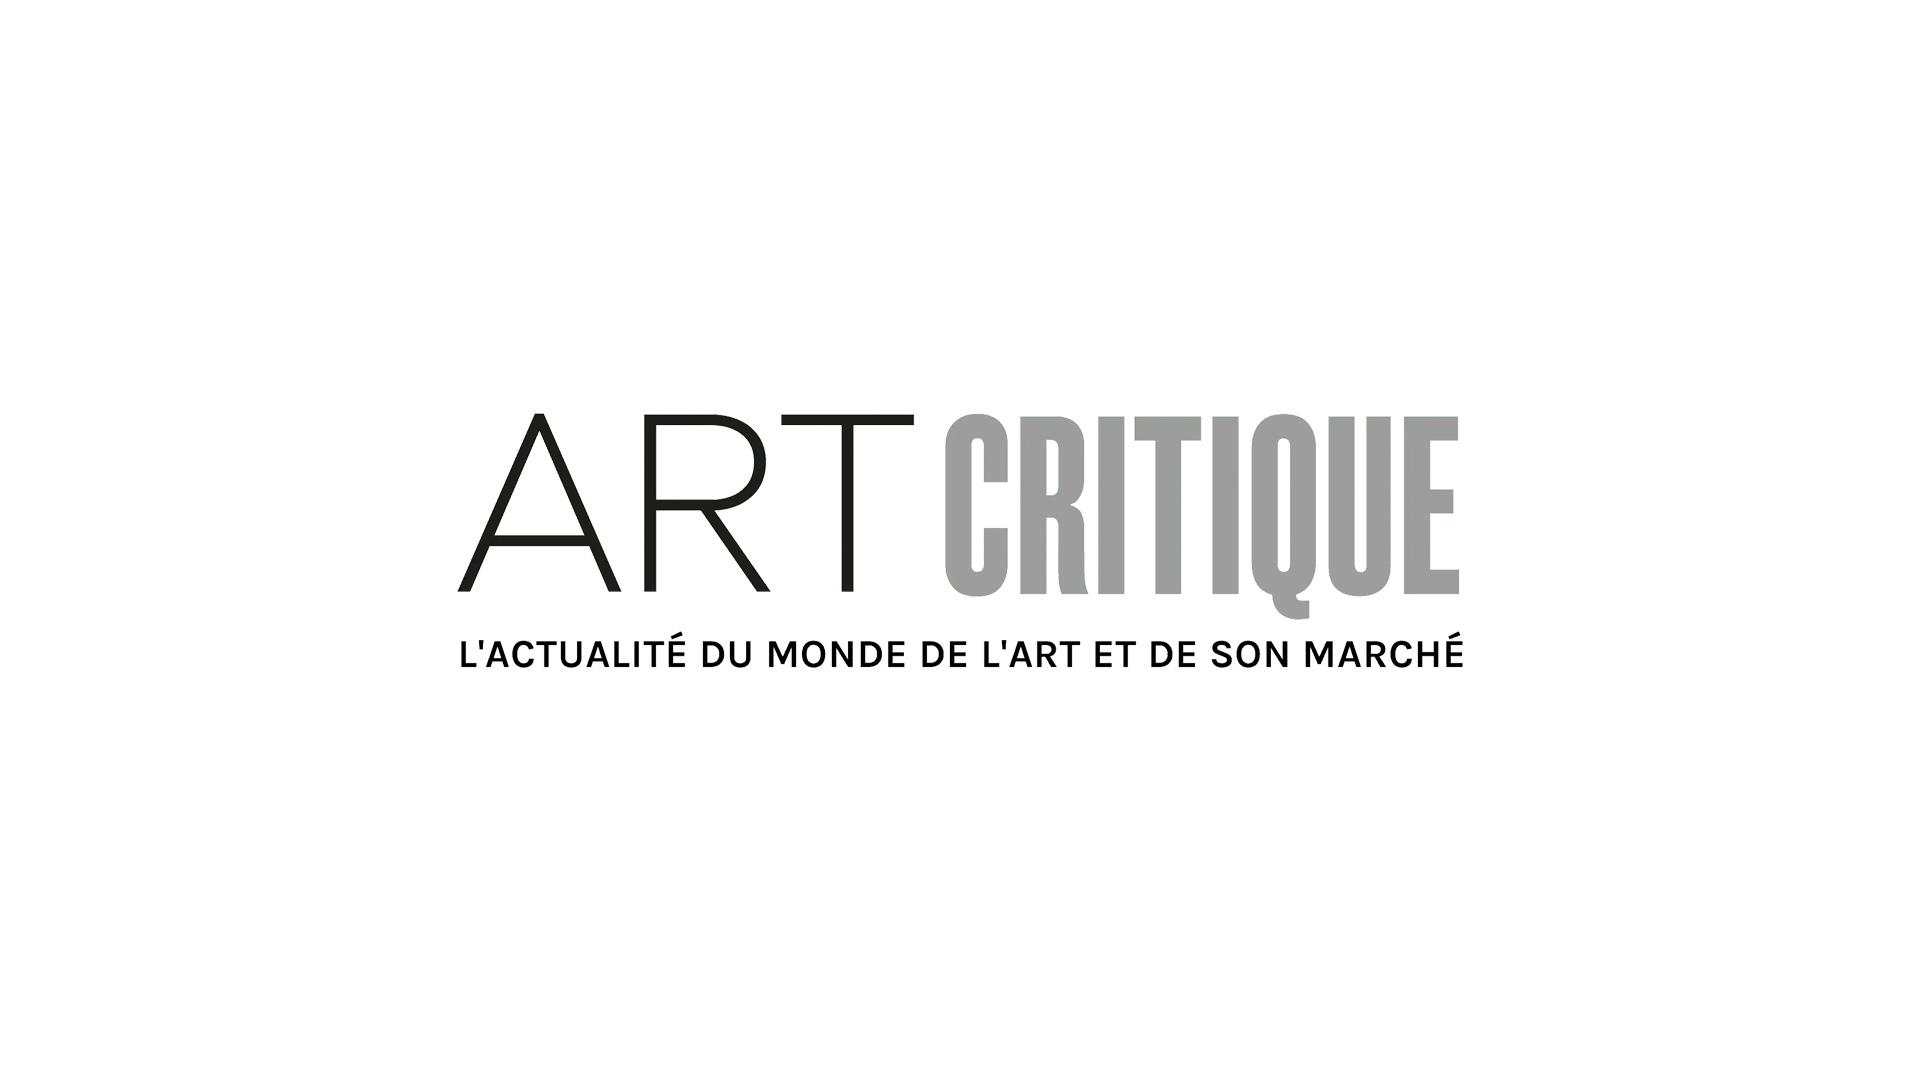 Une étude de Jacques-Louis David vers un prix record